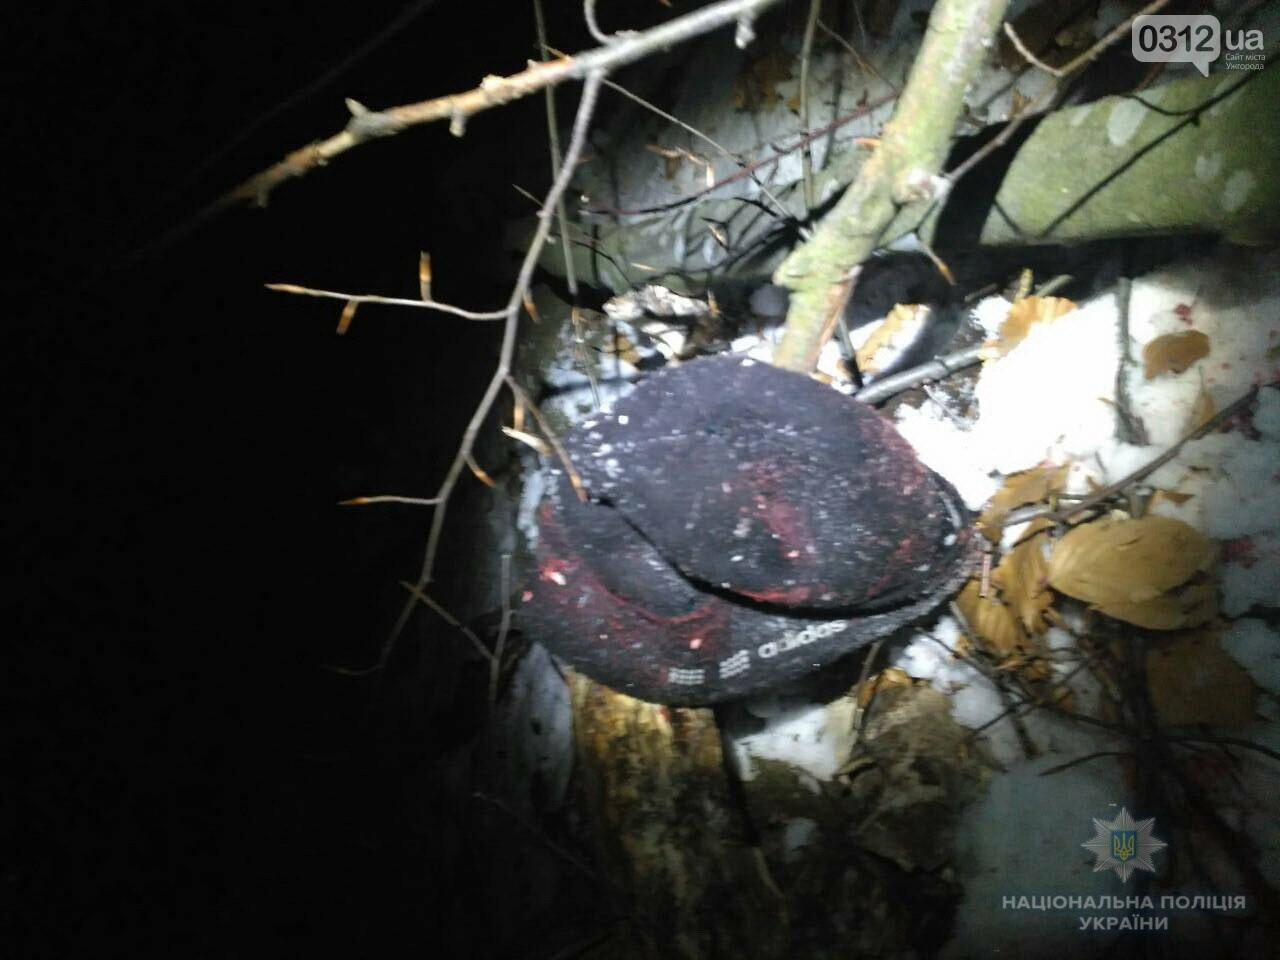 Трагедія на Іршавщині: на селян упало дерево, один чоловік загинув на місці, другий - у реанімації (ФОТО), фото-1